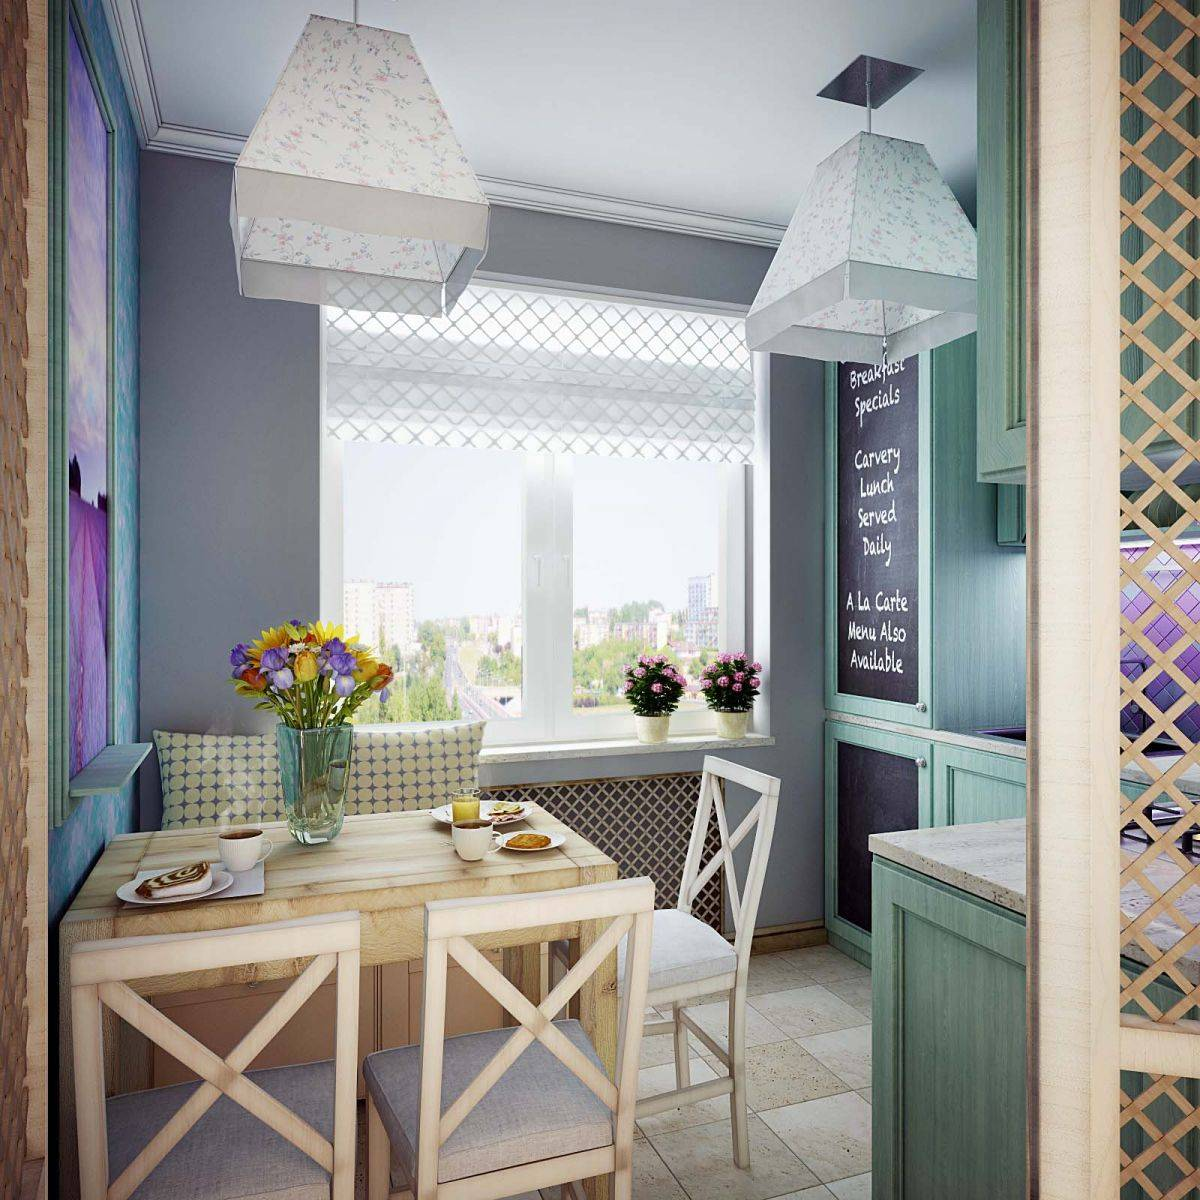 Покраска стен на кухне своими руками – пошаговое описание